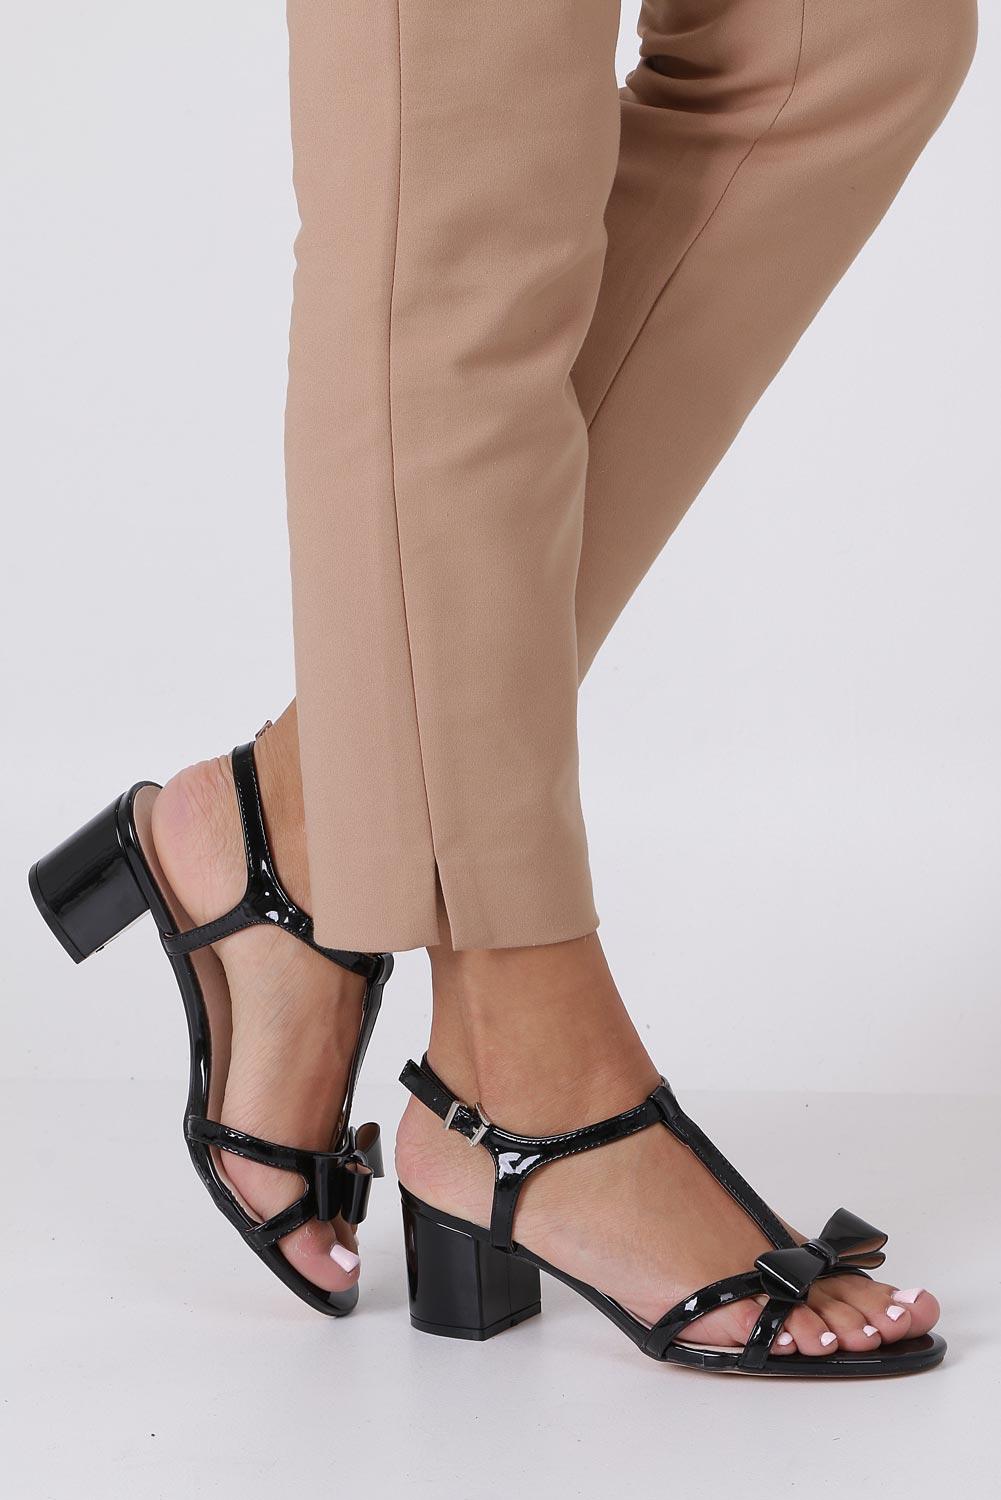 Czarne sandały lakierowane ze skórzaną wkładką na niskim obcasie kokardka Casu N19X1/B producent Casu